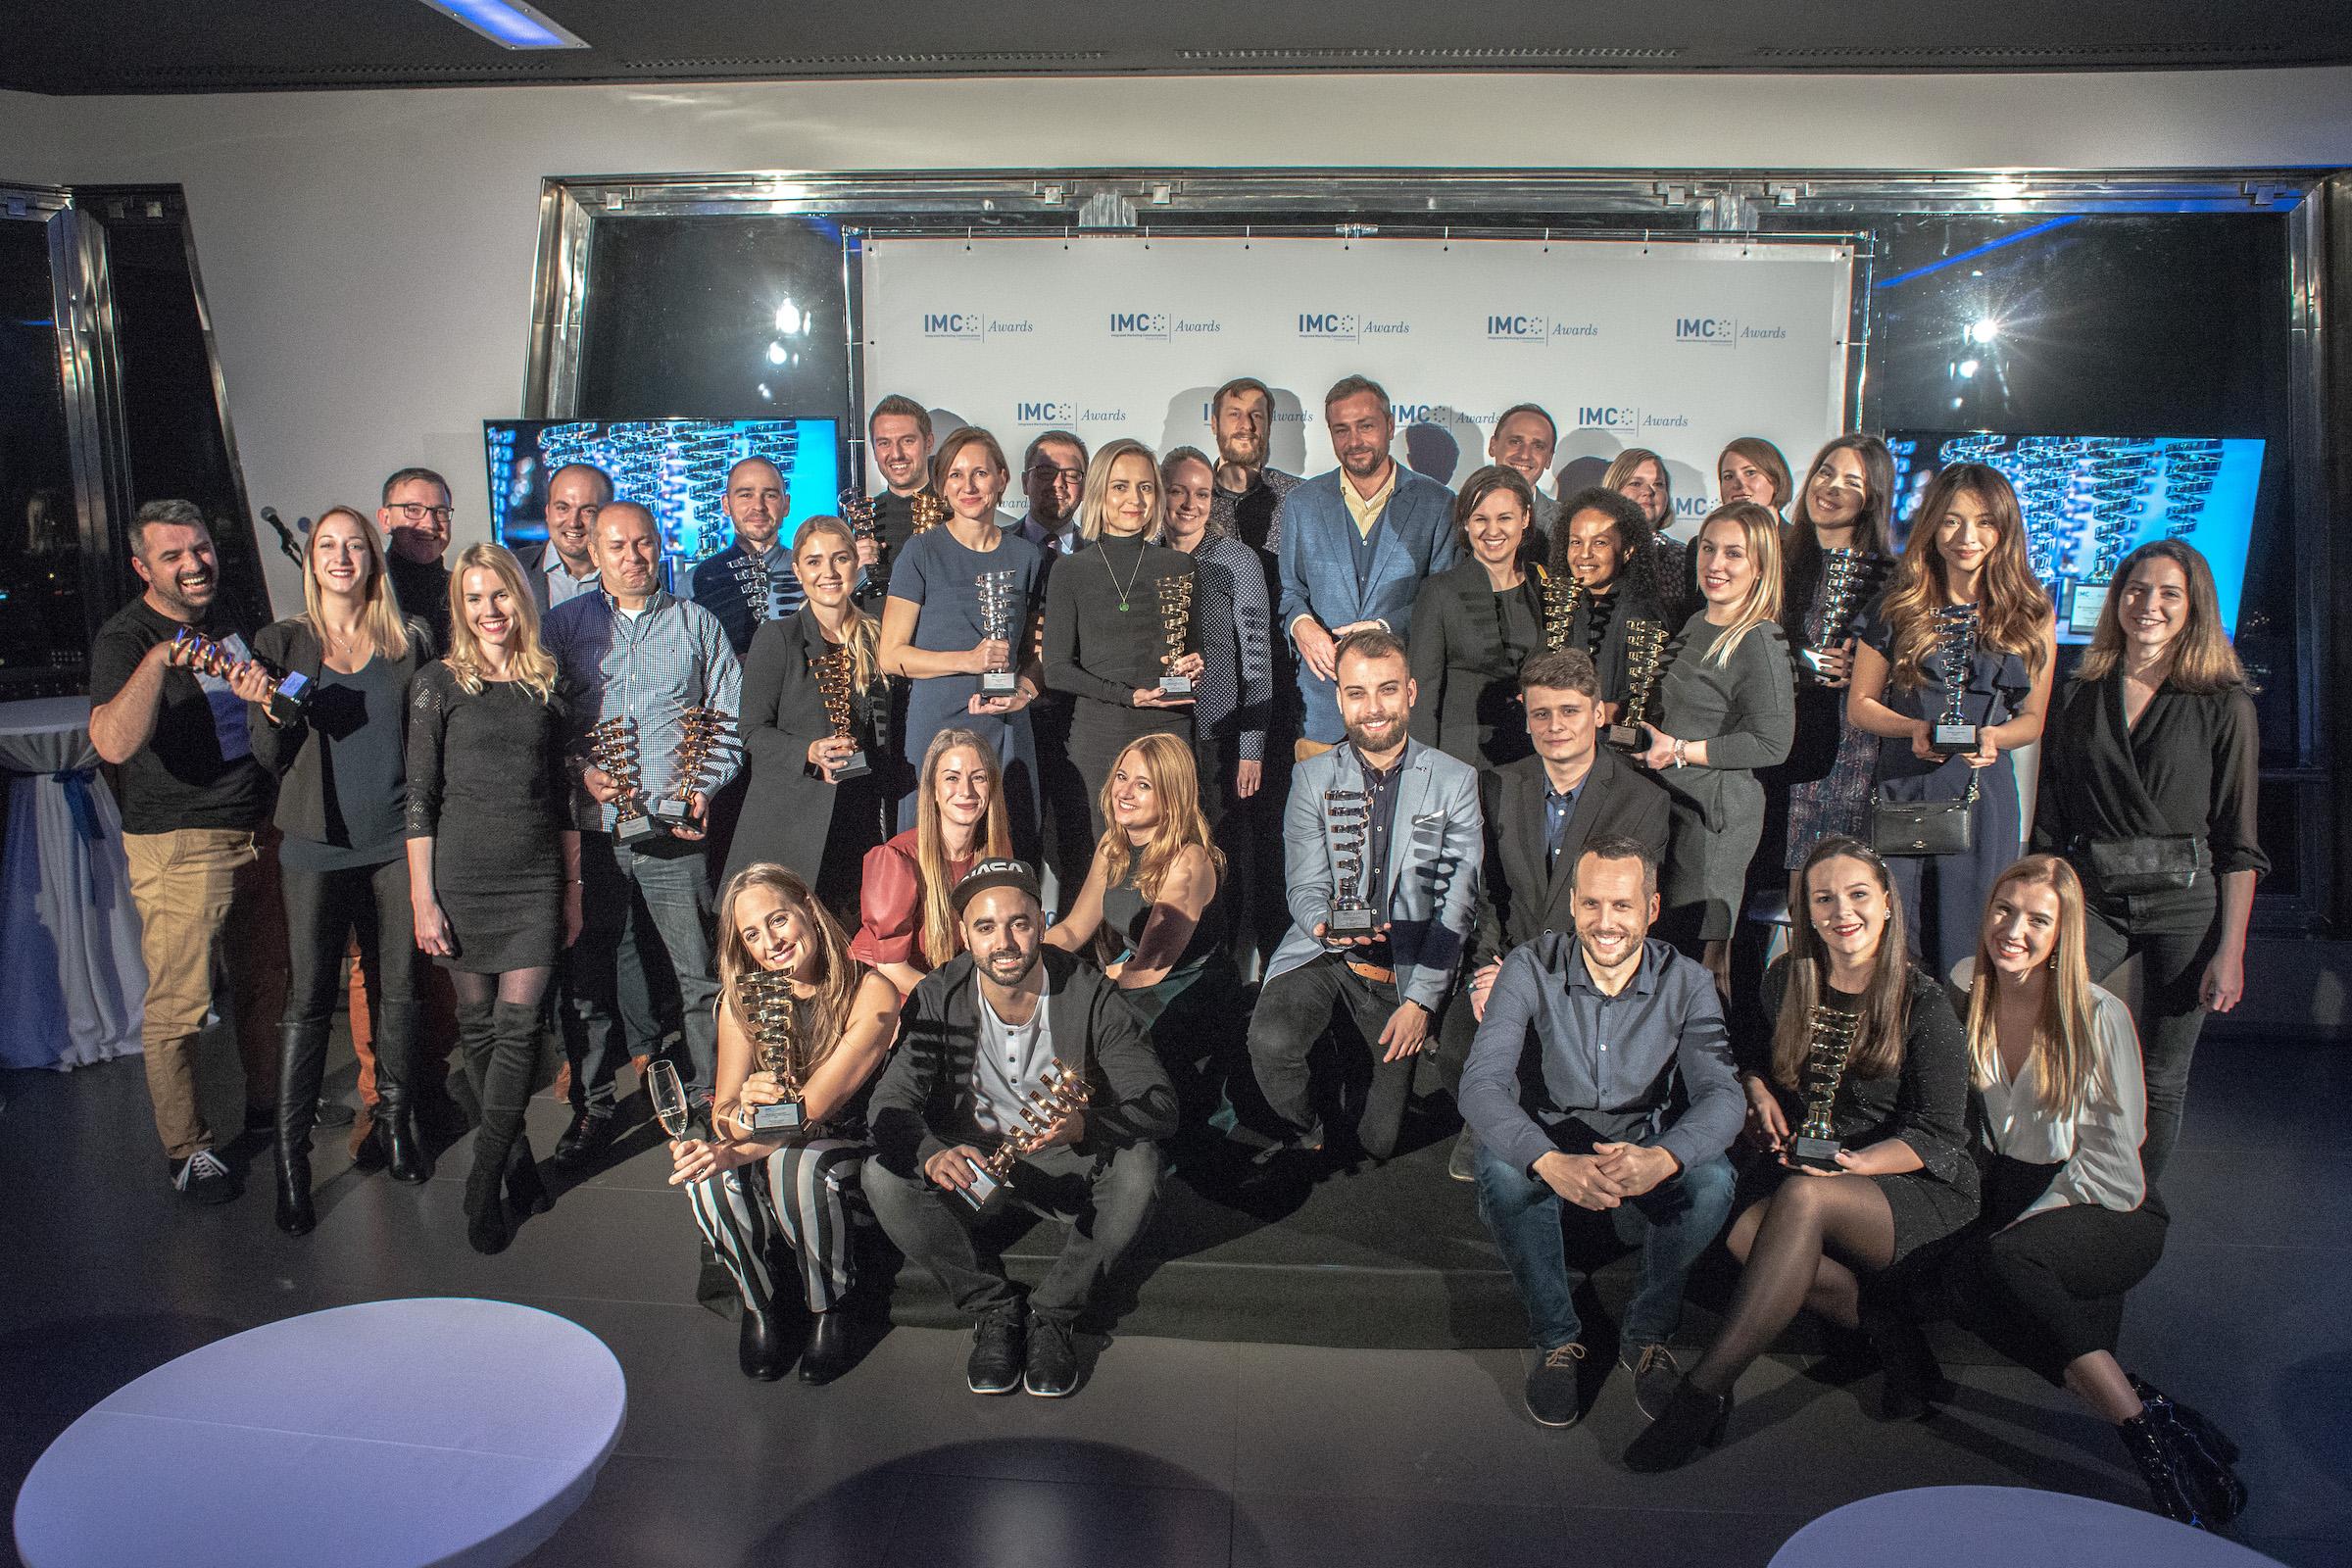 Všichni čeští držitelé cen IMC European Awards po středečním vyhlášení na žižkovské televizní věži. Foto: David Bruner